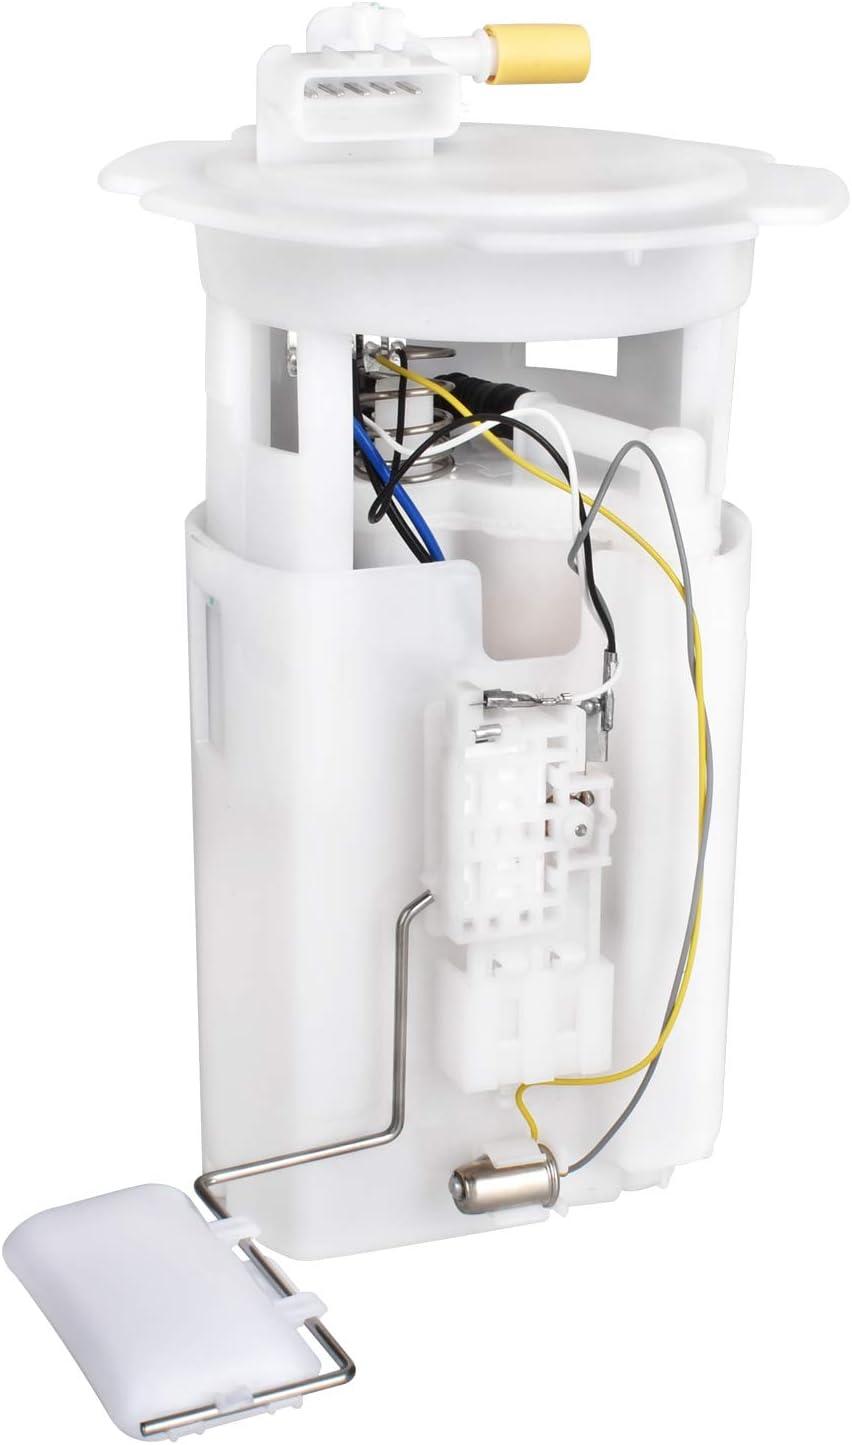 Fuel Pump Assembly Fits 2002 2003 2004 2005 2006 Nissan Sentra 1.8L 2.5L E8502M